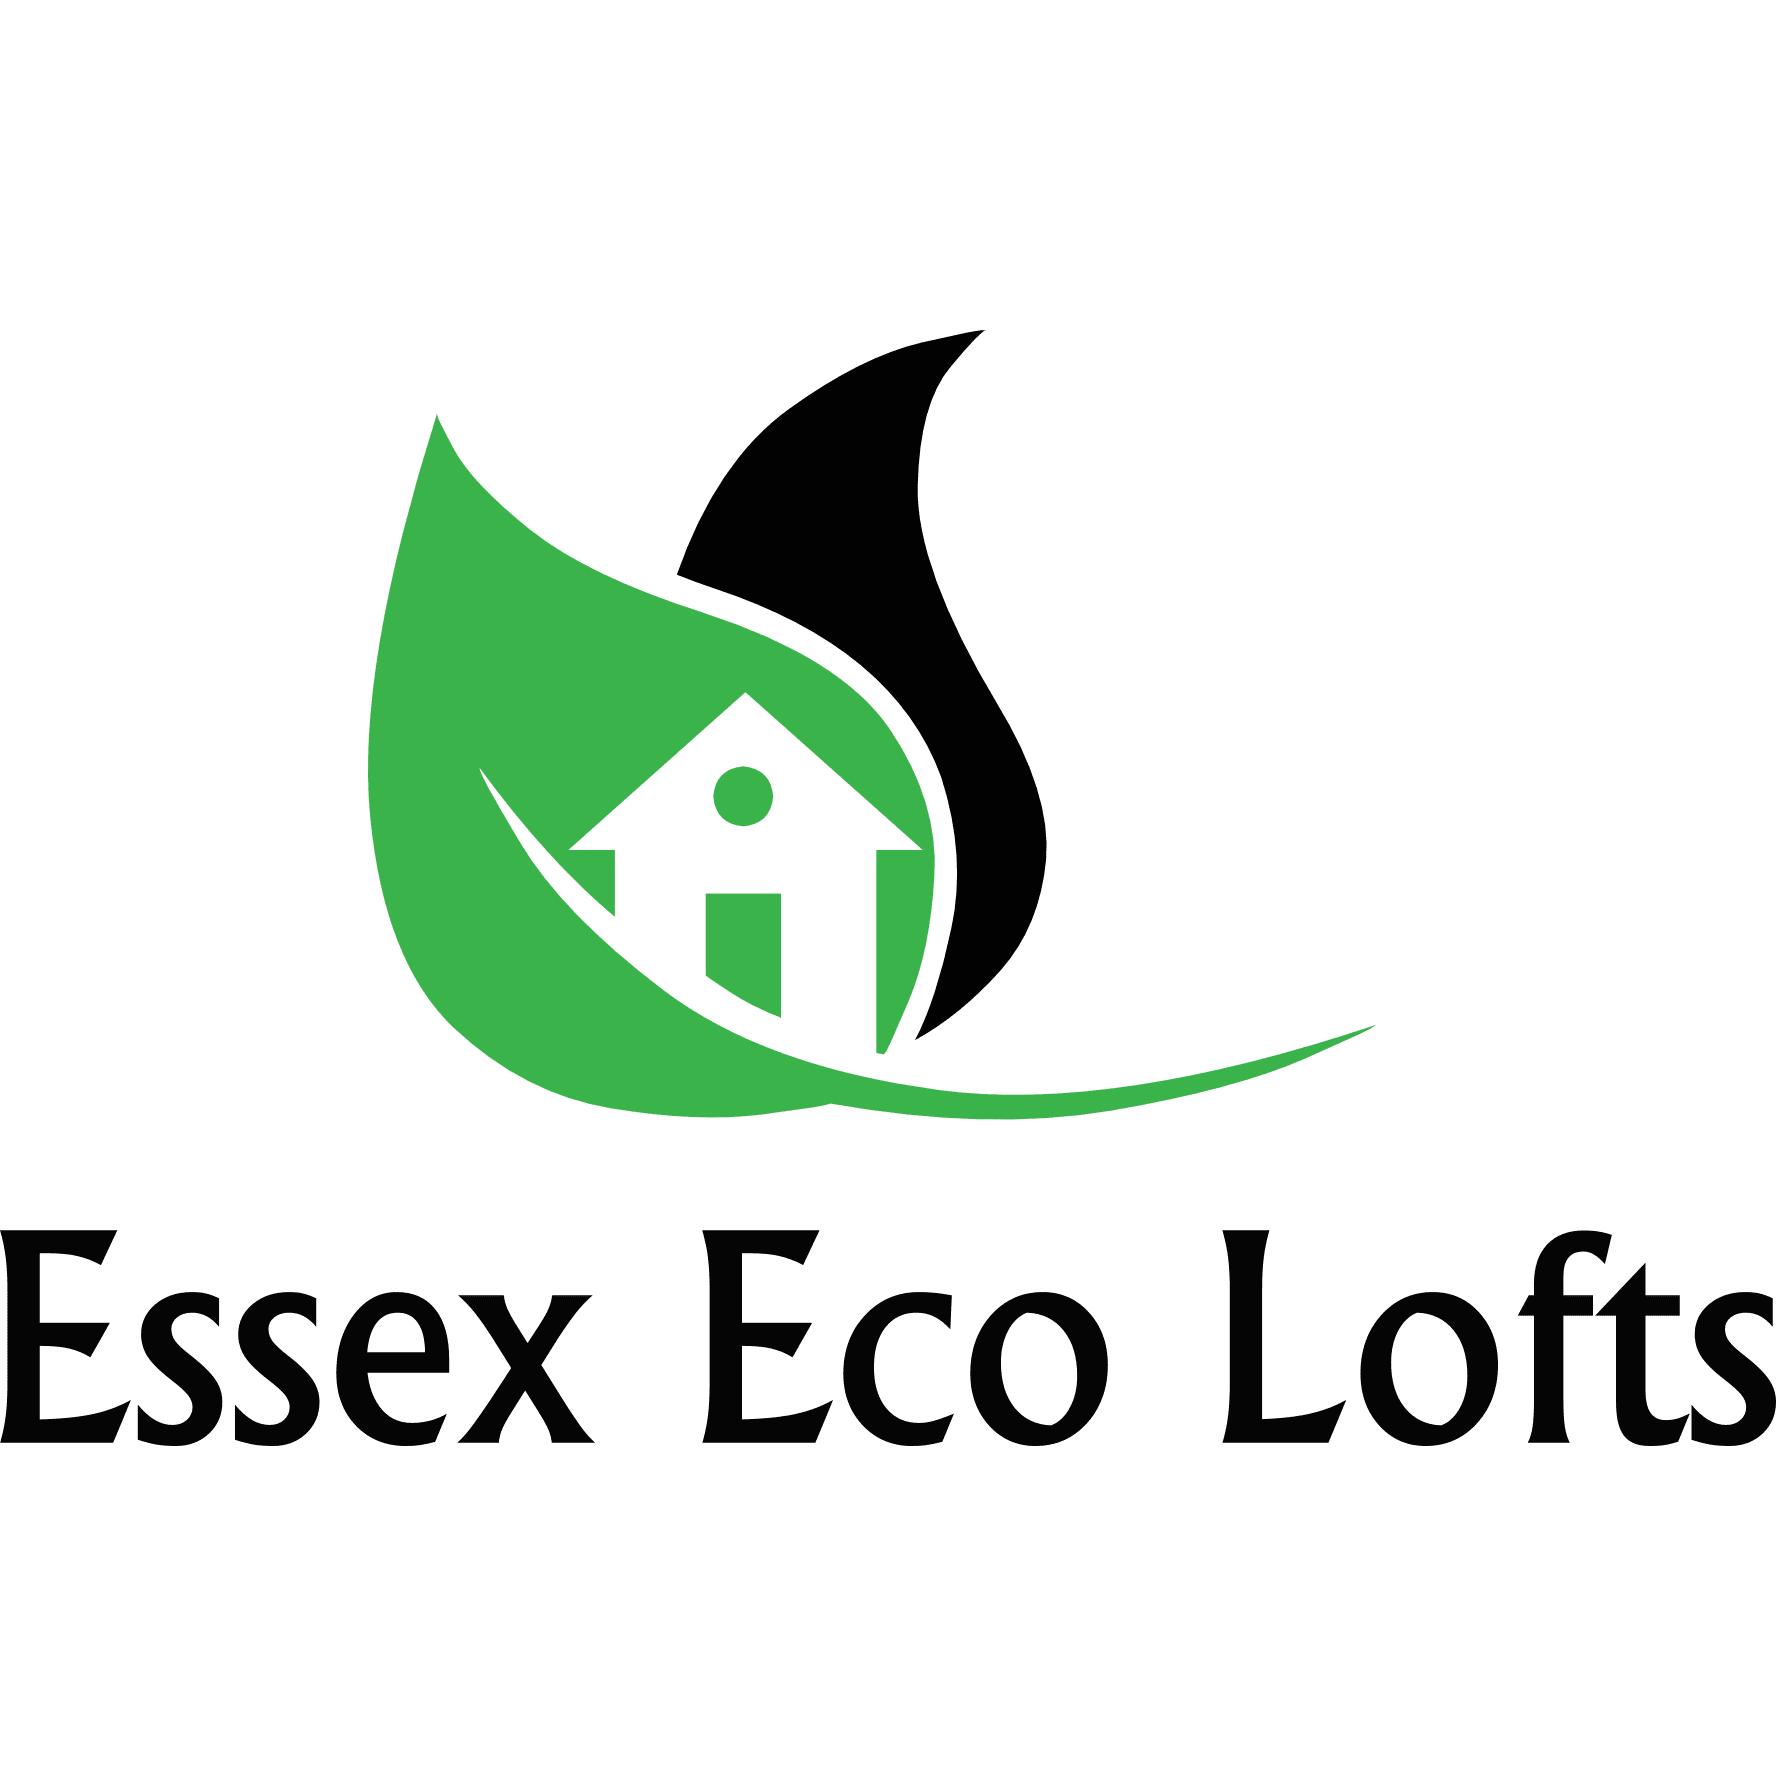 Essex Eco Lofts